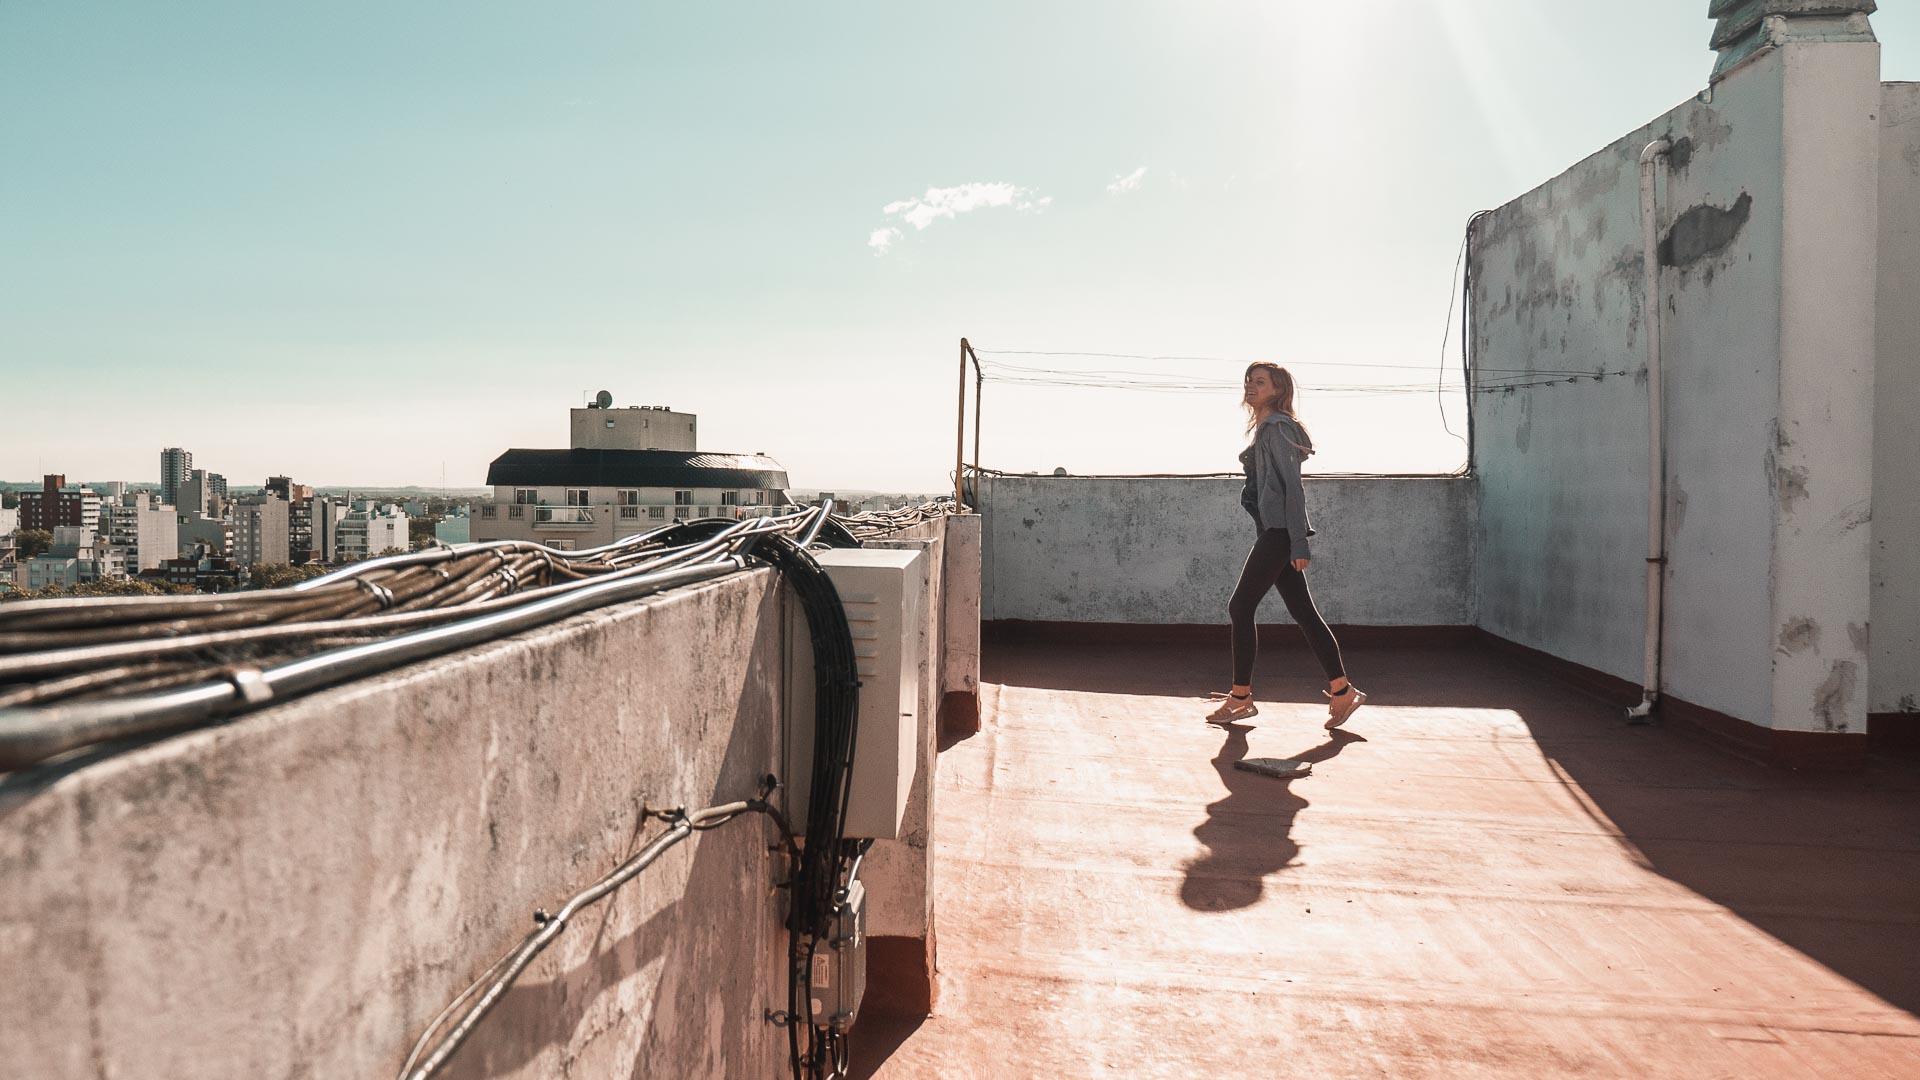 Ćwiczenia na dachu podczas izolacji w Mar del Plata, Argentyna